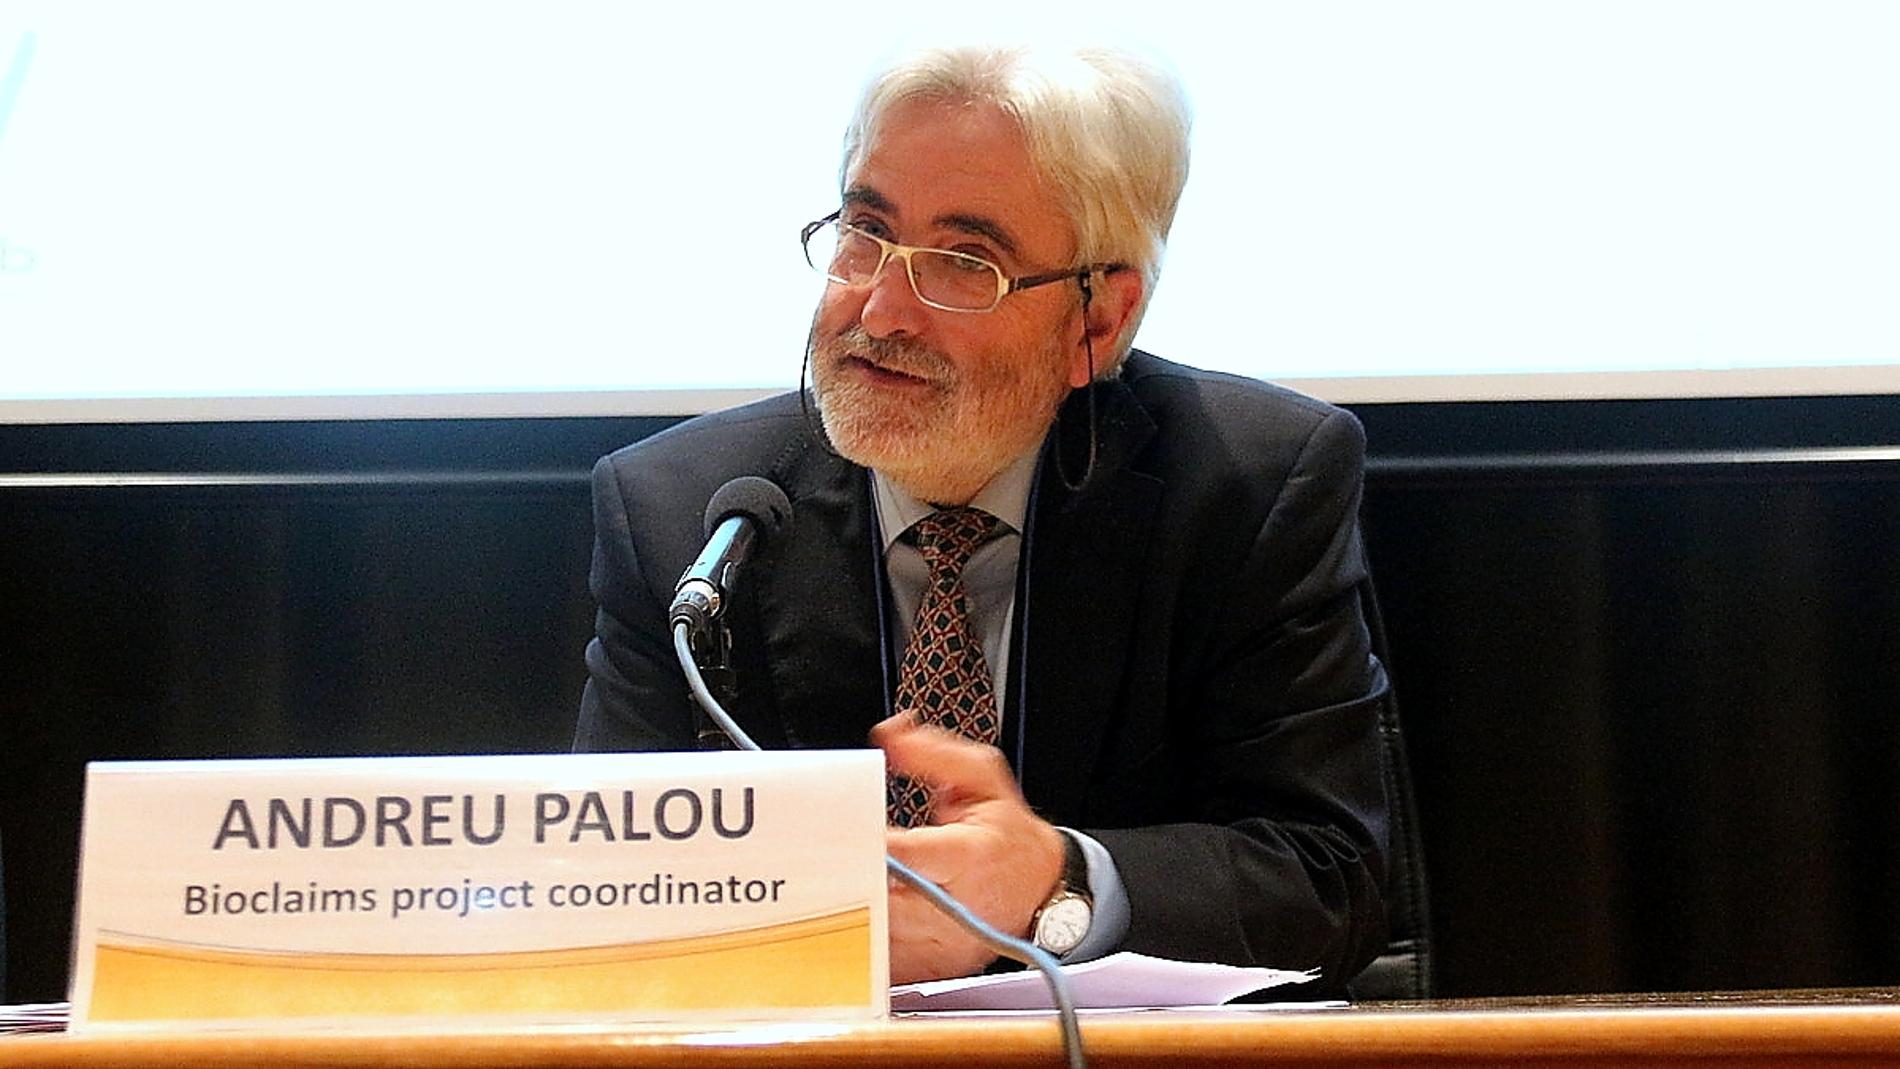 Andreu Palou